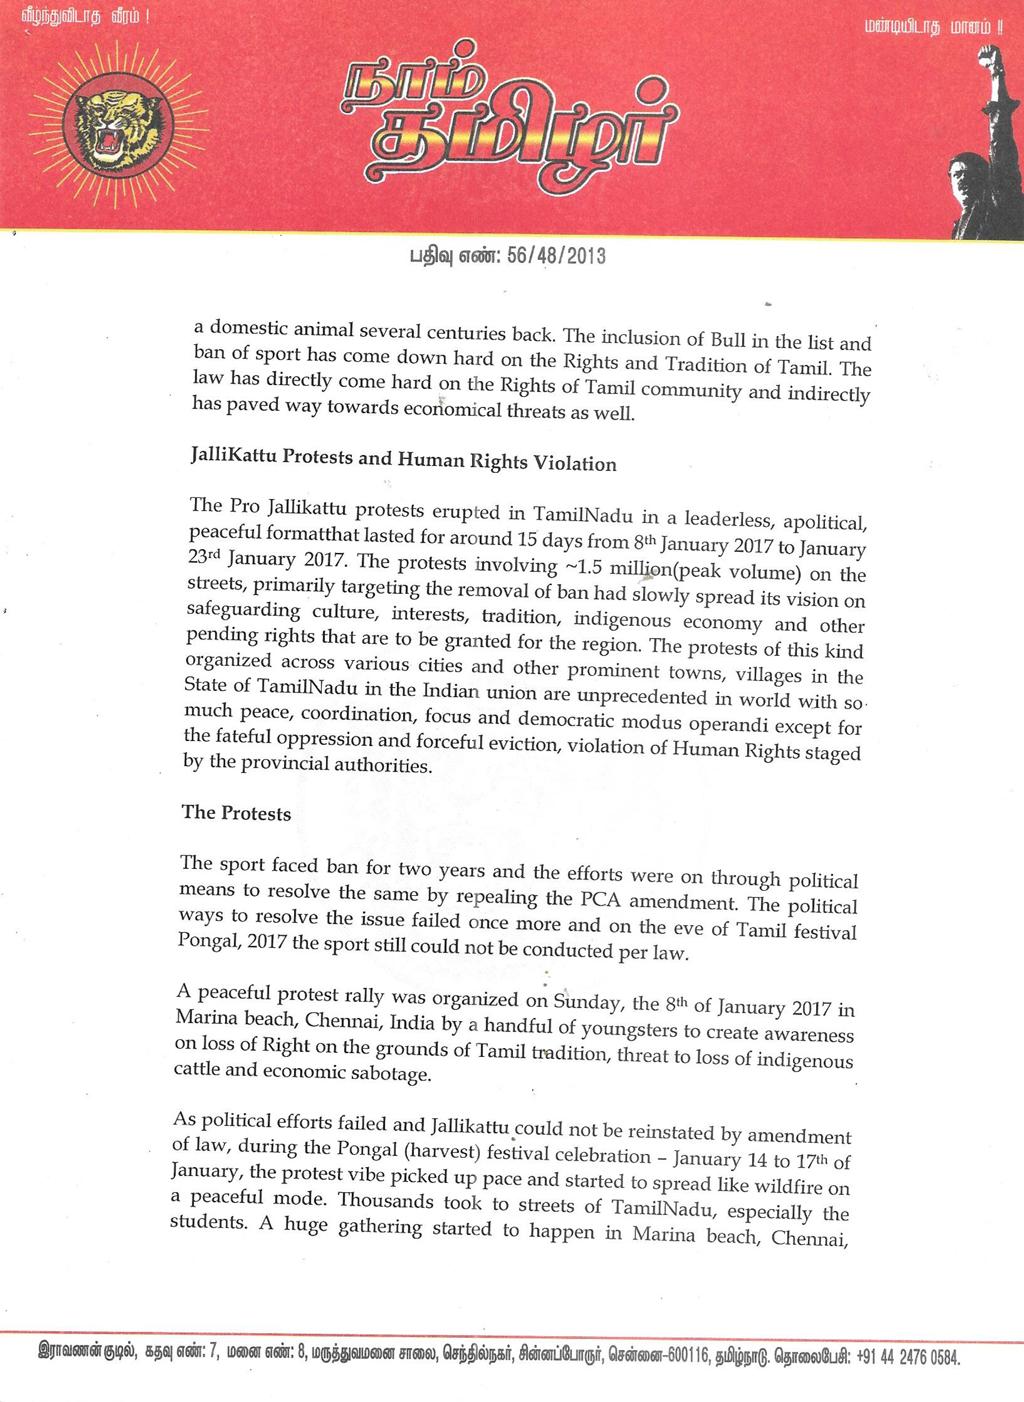 சல்லிக்கட்டு அரச வன்முறை: ஜெனீவா ஐநா மனித உரிமை ஆணையத்திடம் புகார் NTK UNO Jallikattu HRV 2